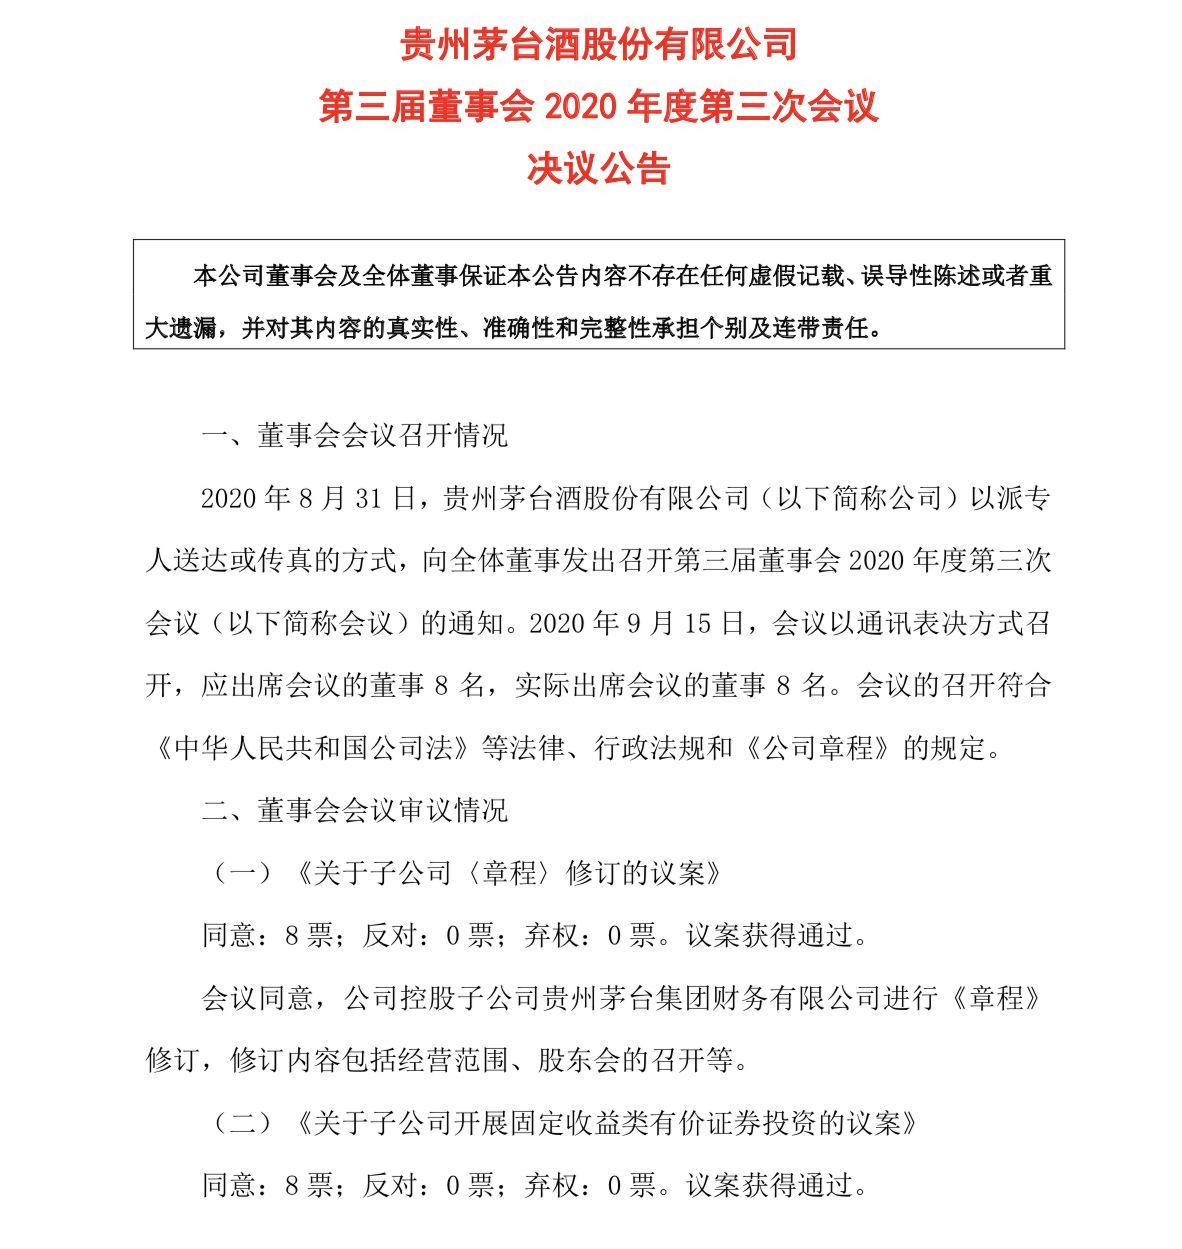 贵州茅台:同意控股子公司茅台财务开展固收类有价证券投资业务图片